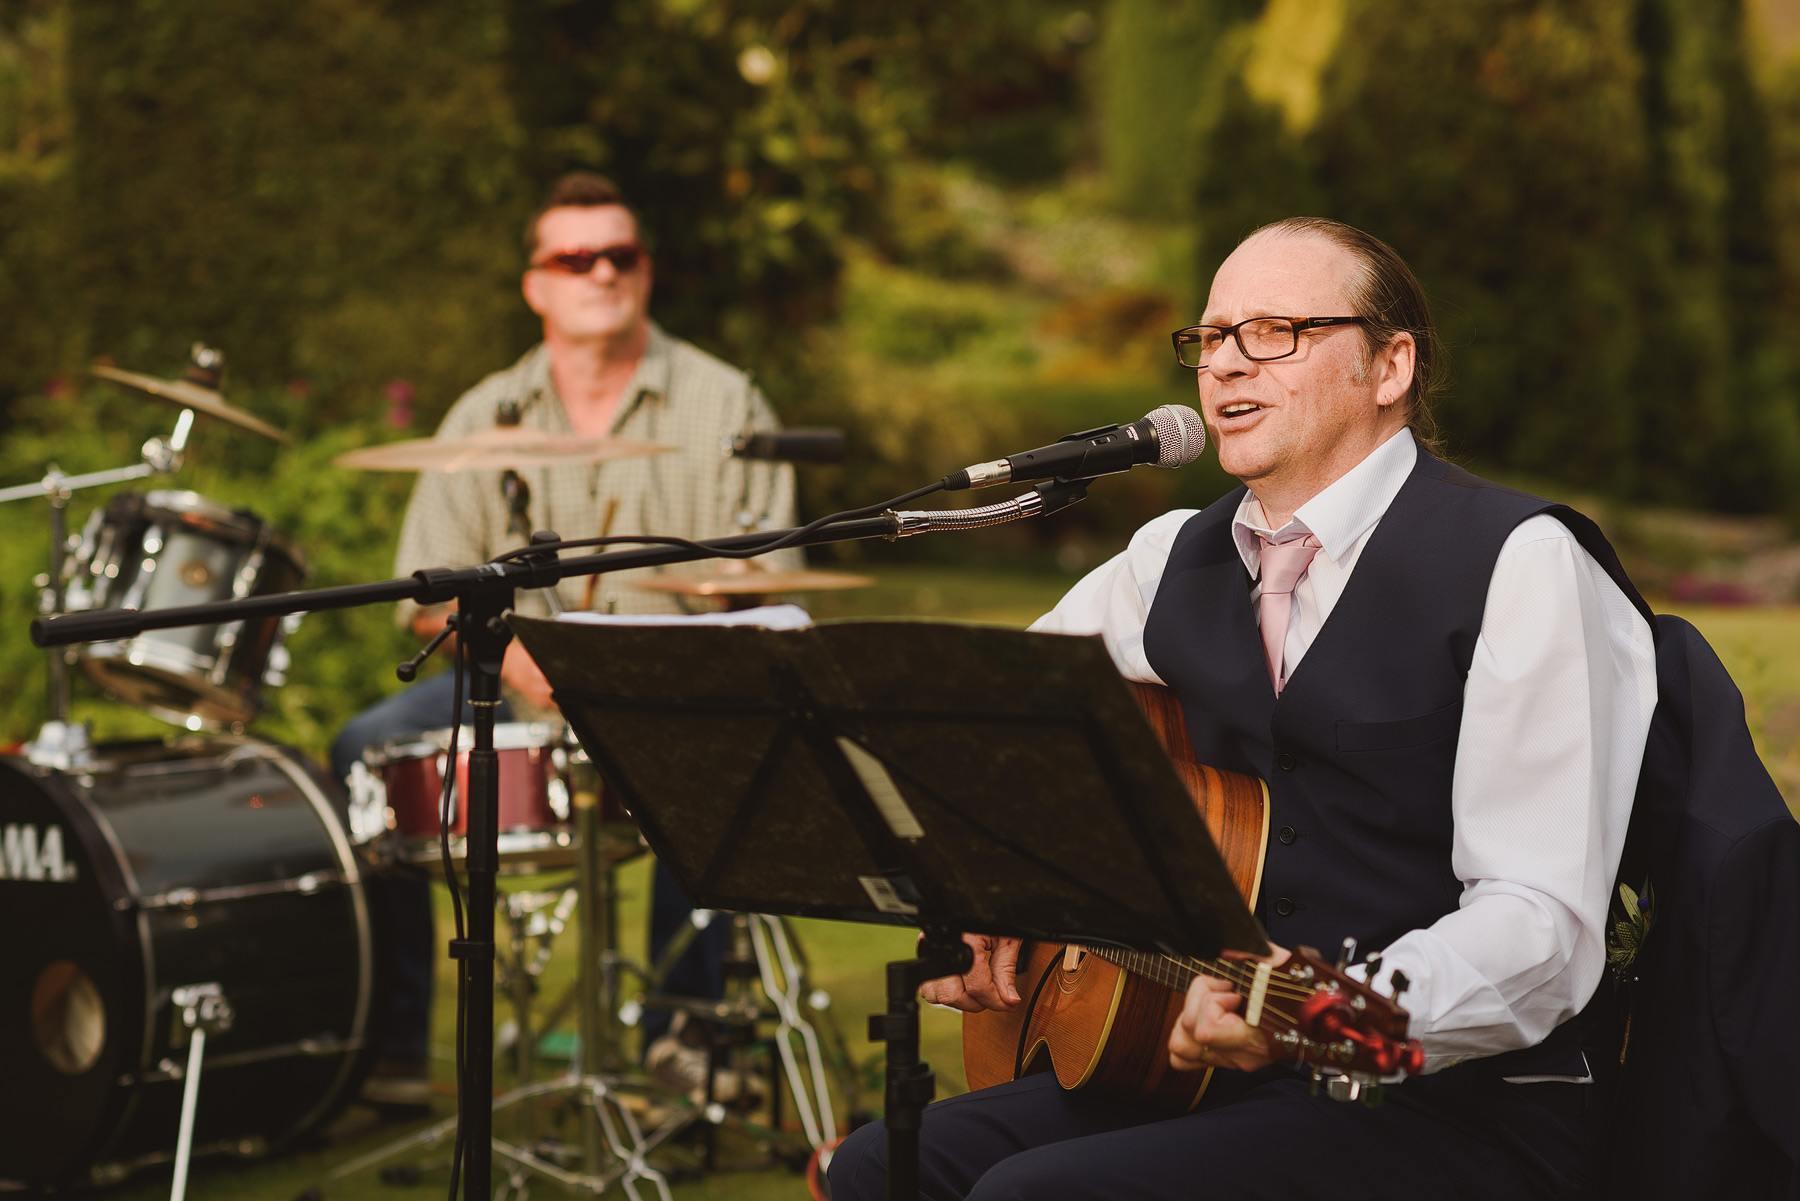 wedding photos at kilver court